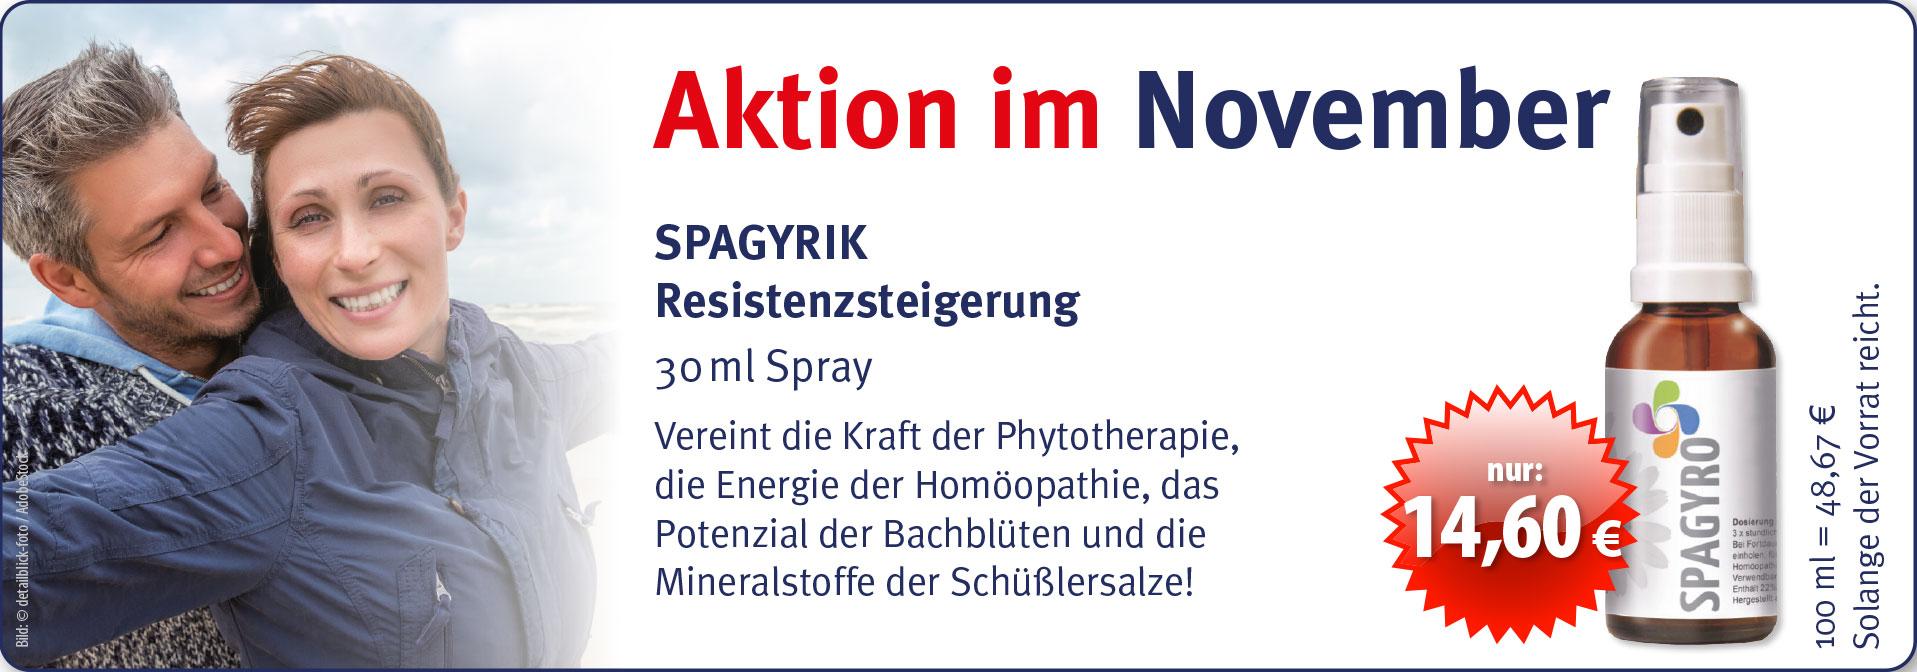 aktion_1